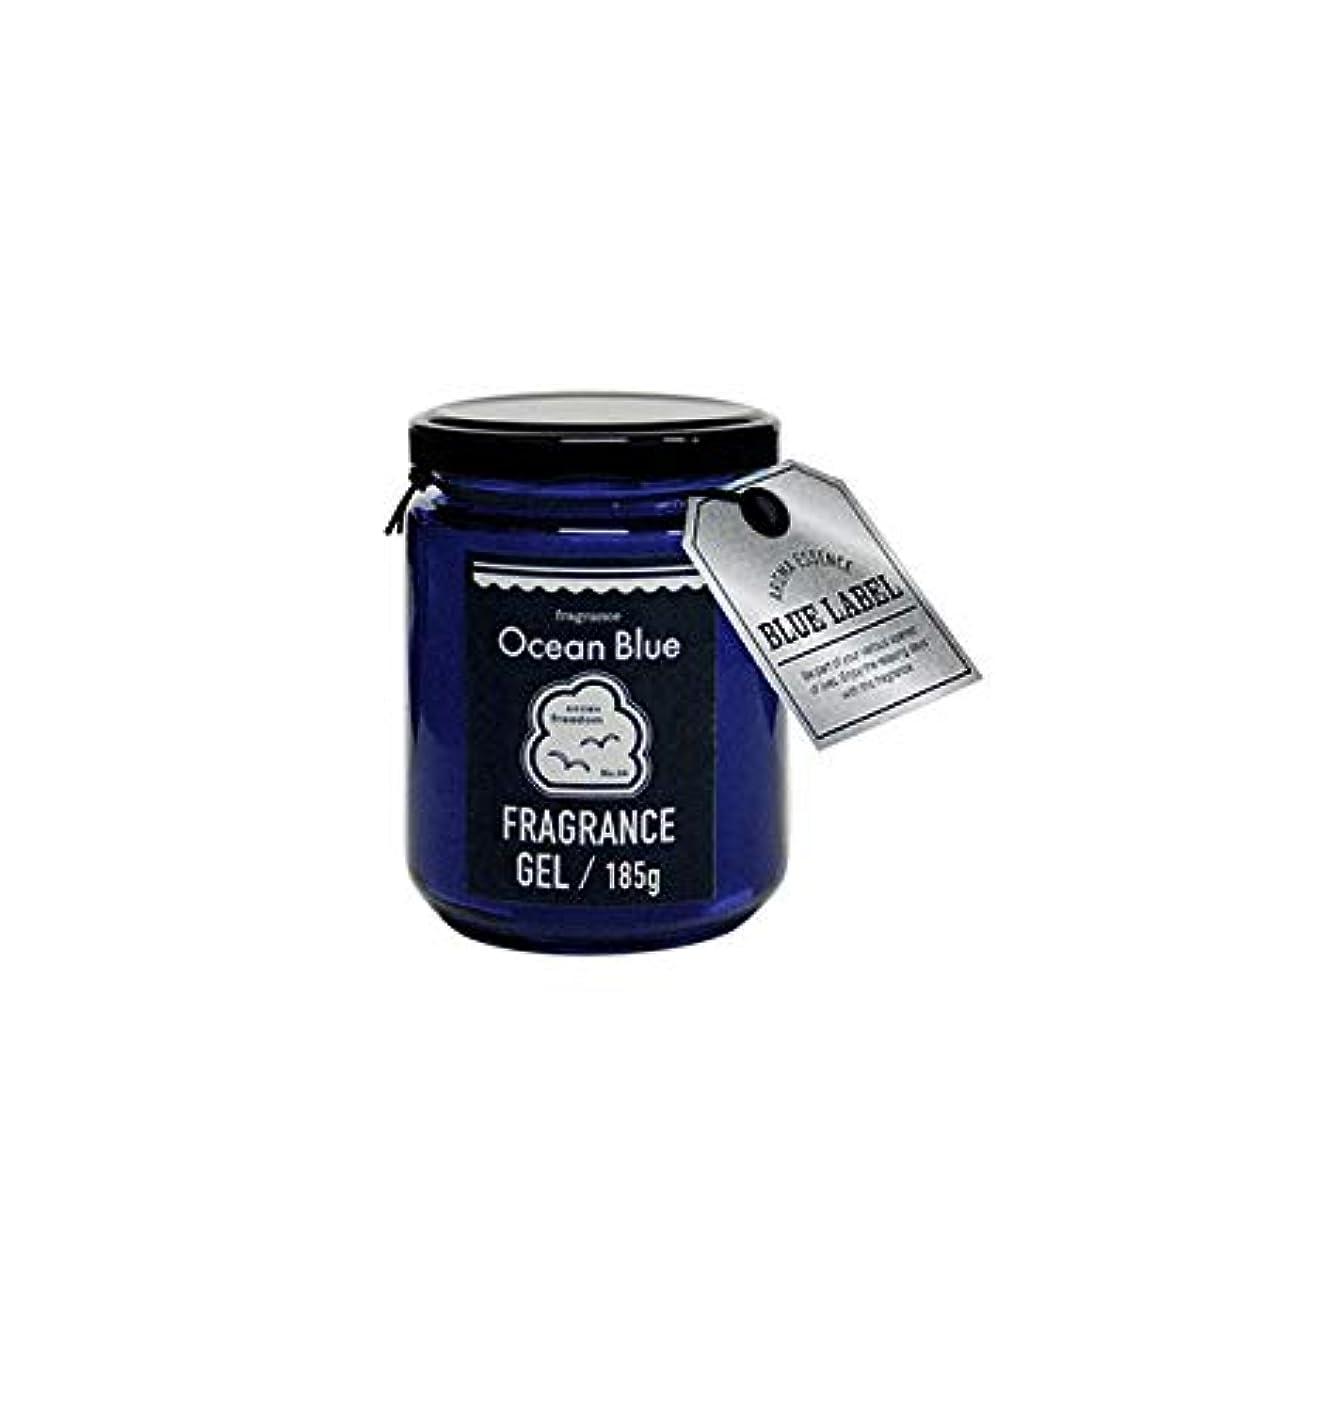 予測立方体評判アロマエッセンスブルーラベル フレグランスジェル185g オーシャンブルー(ルームフレグランス 約1-2ヶ月 海の爽快な香り)